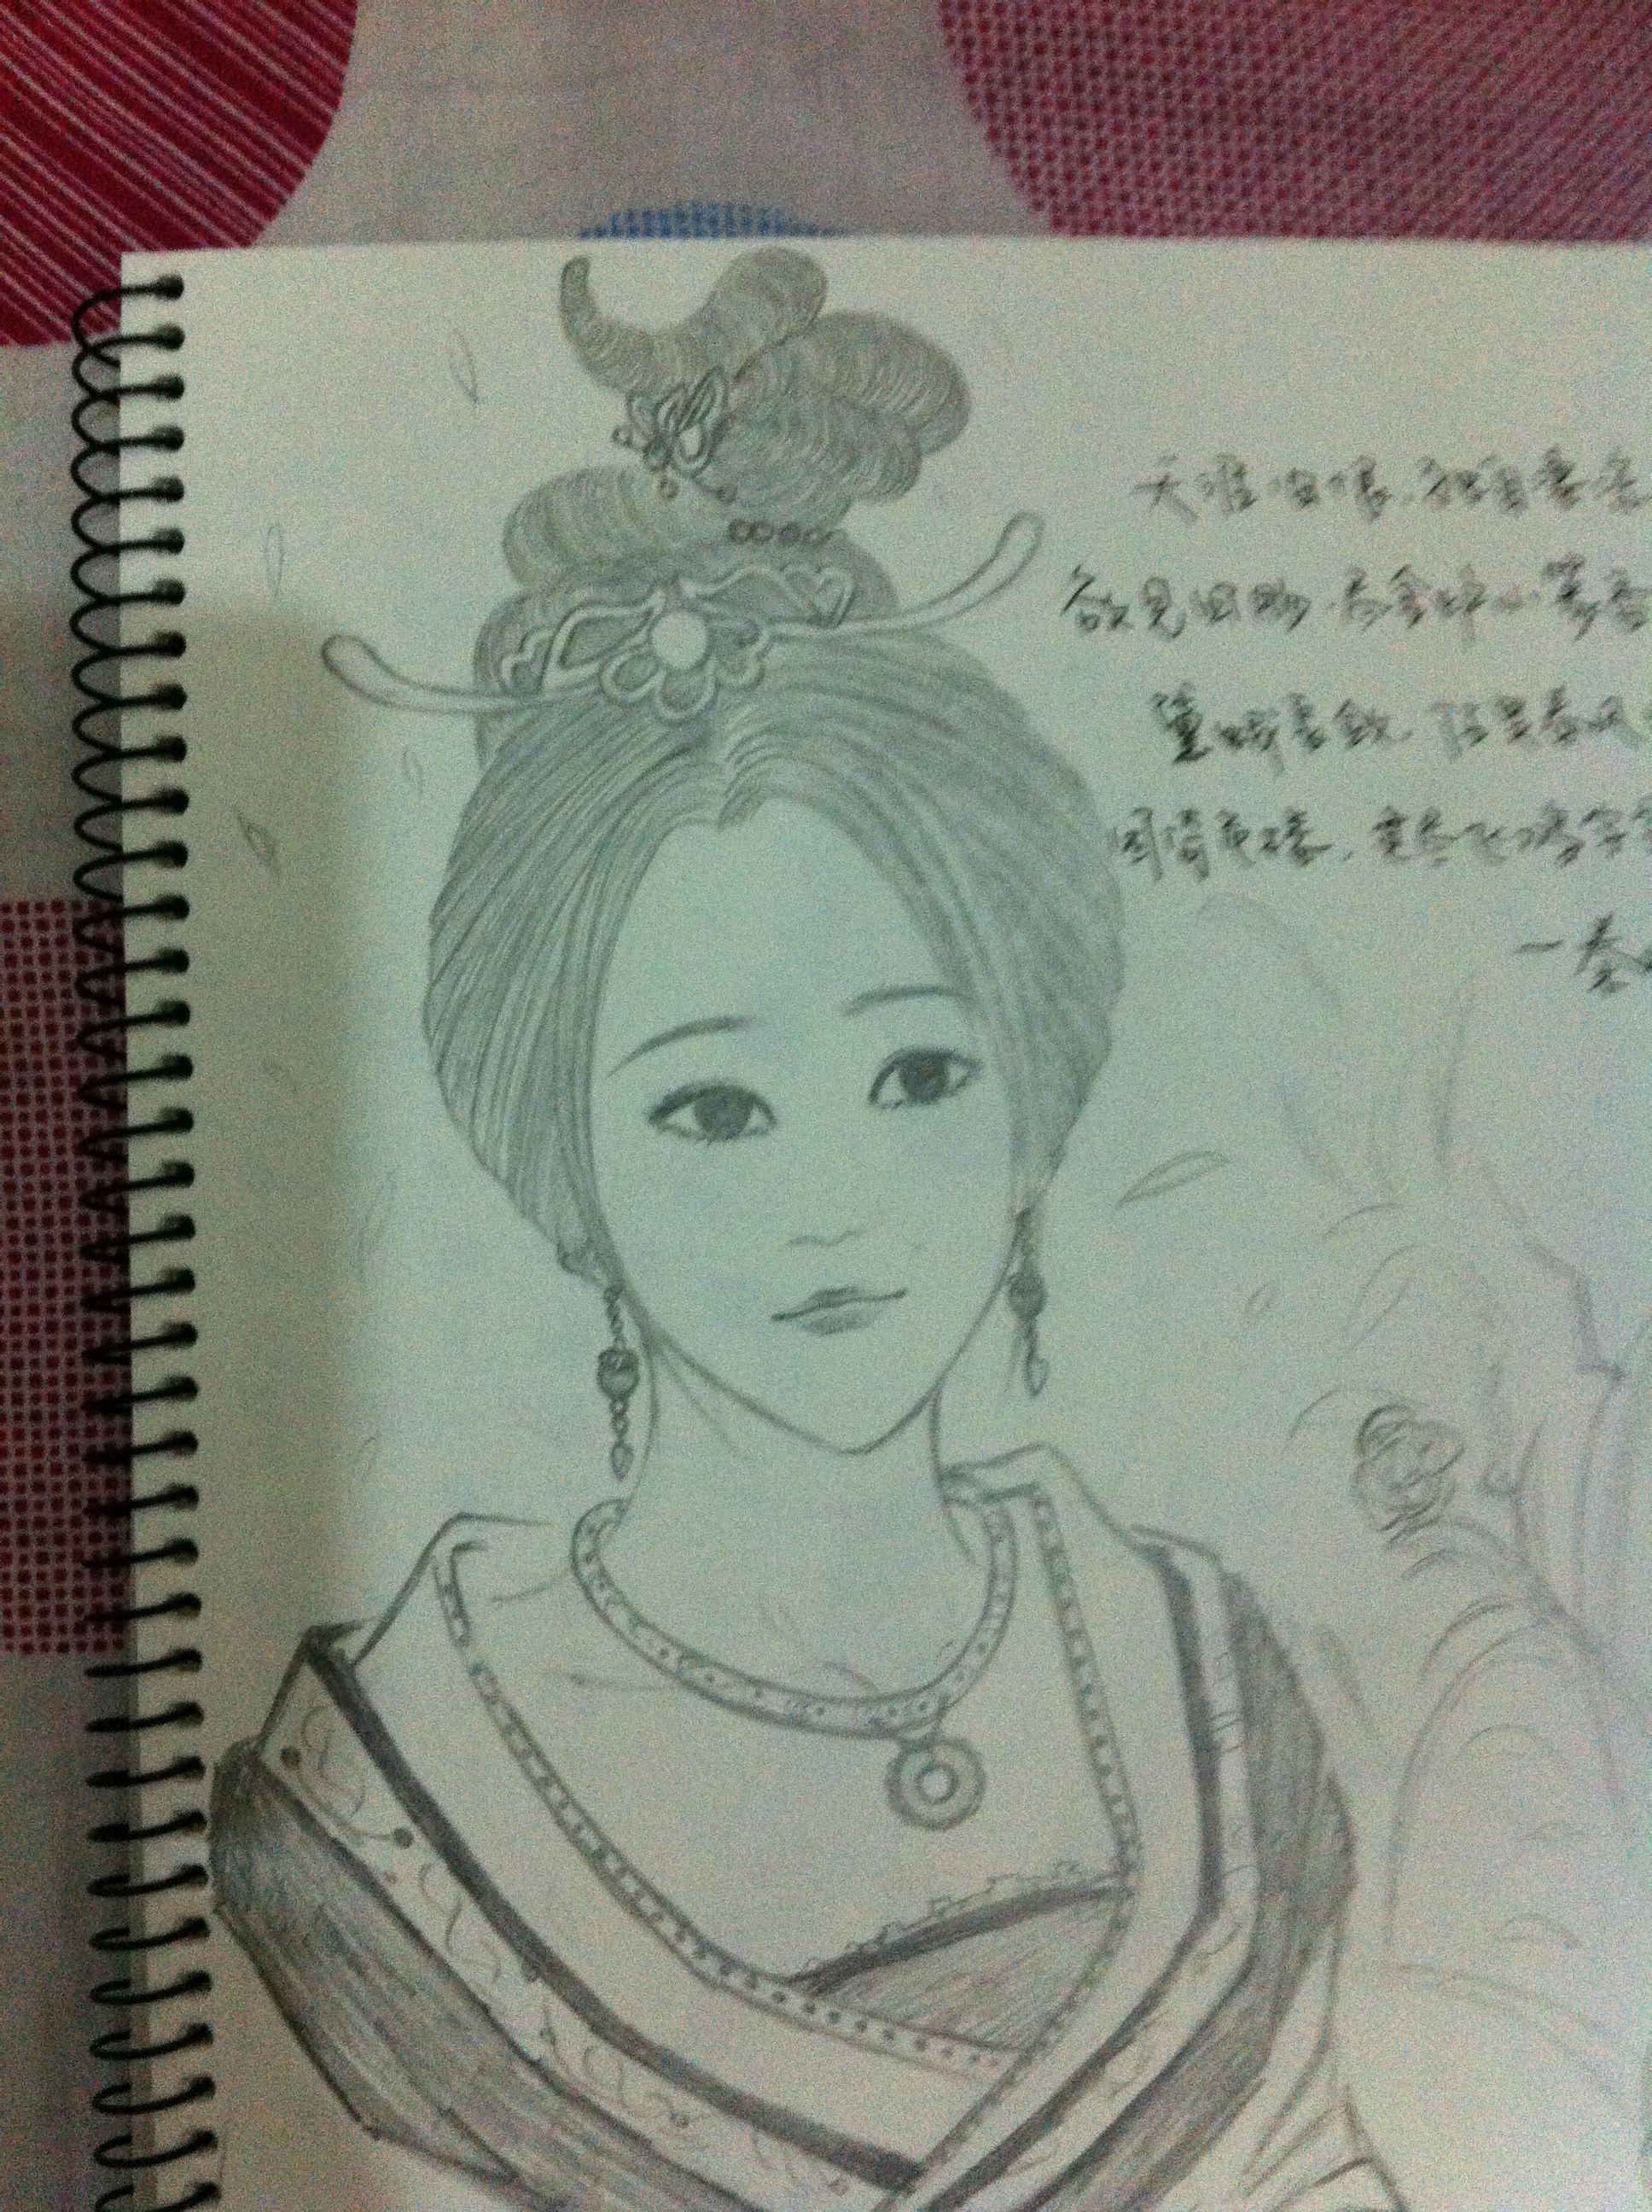 古代美女素描素描手绘古代美女铅笔画古代美女素描